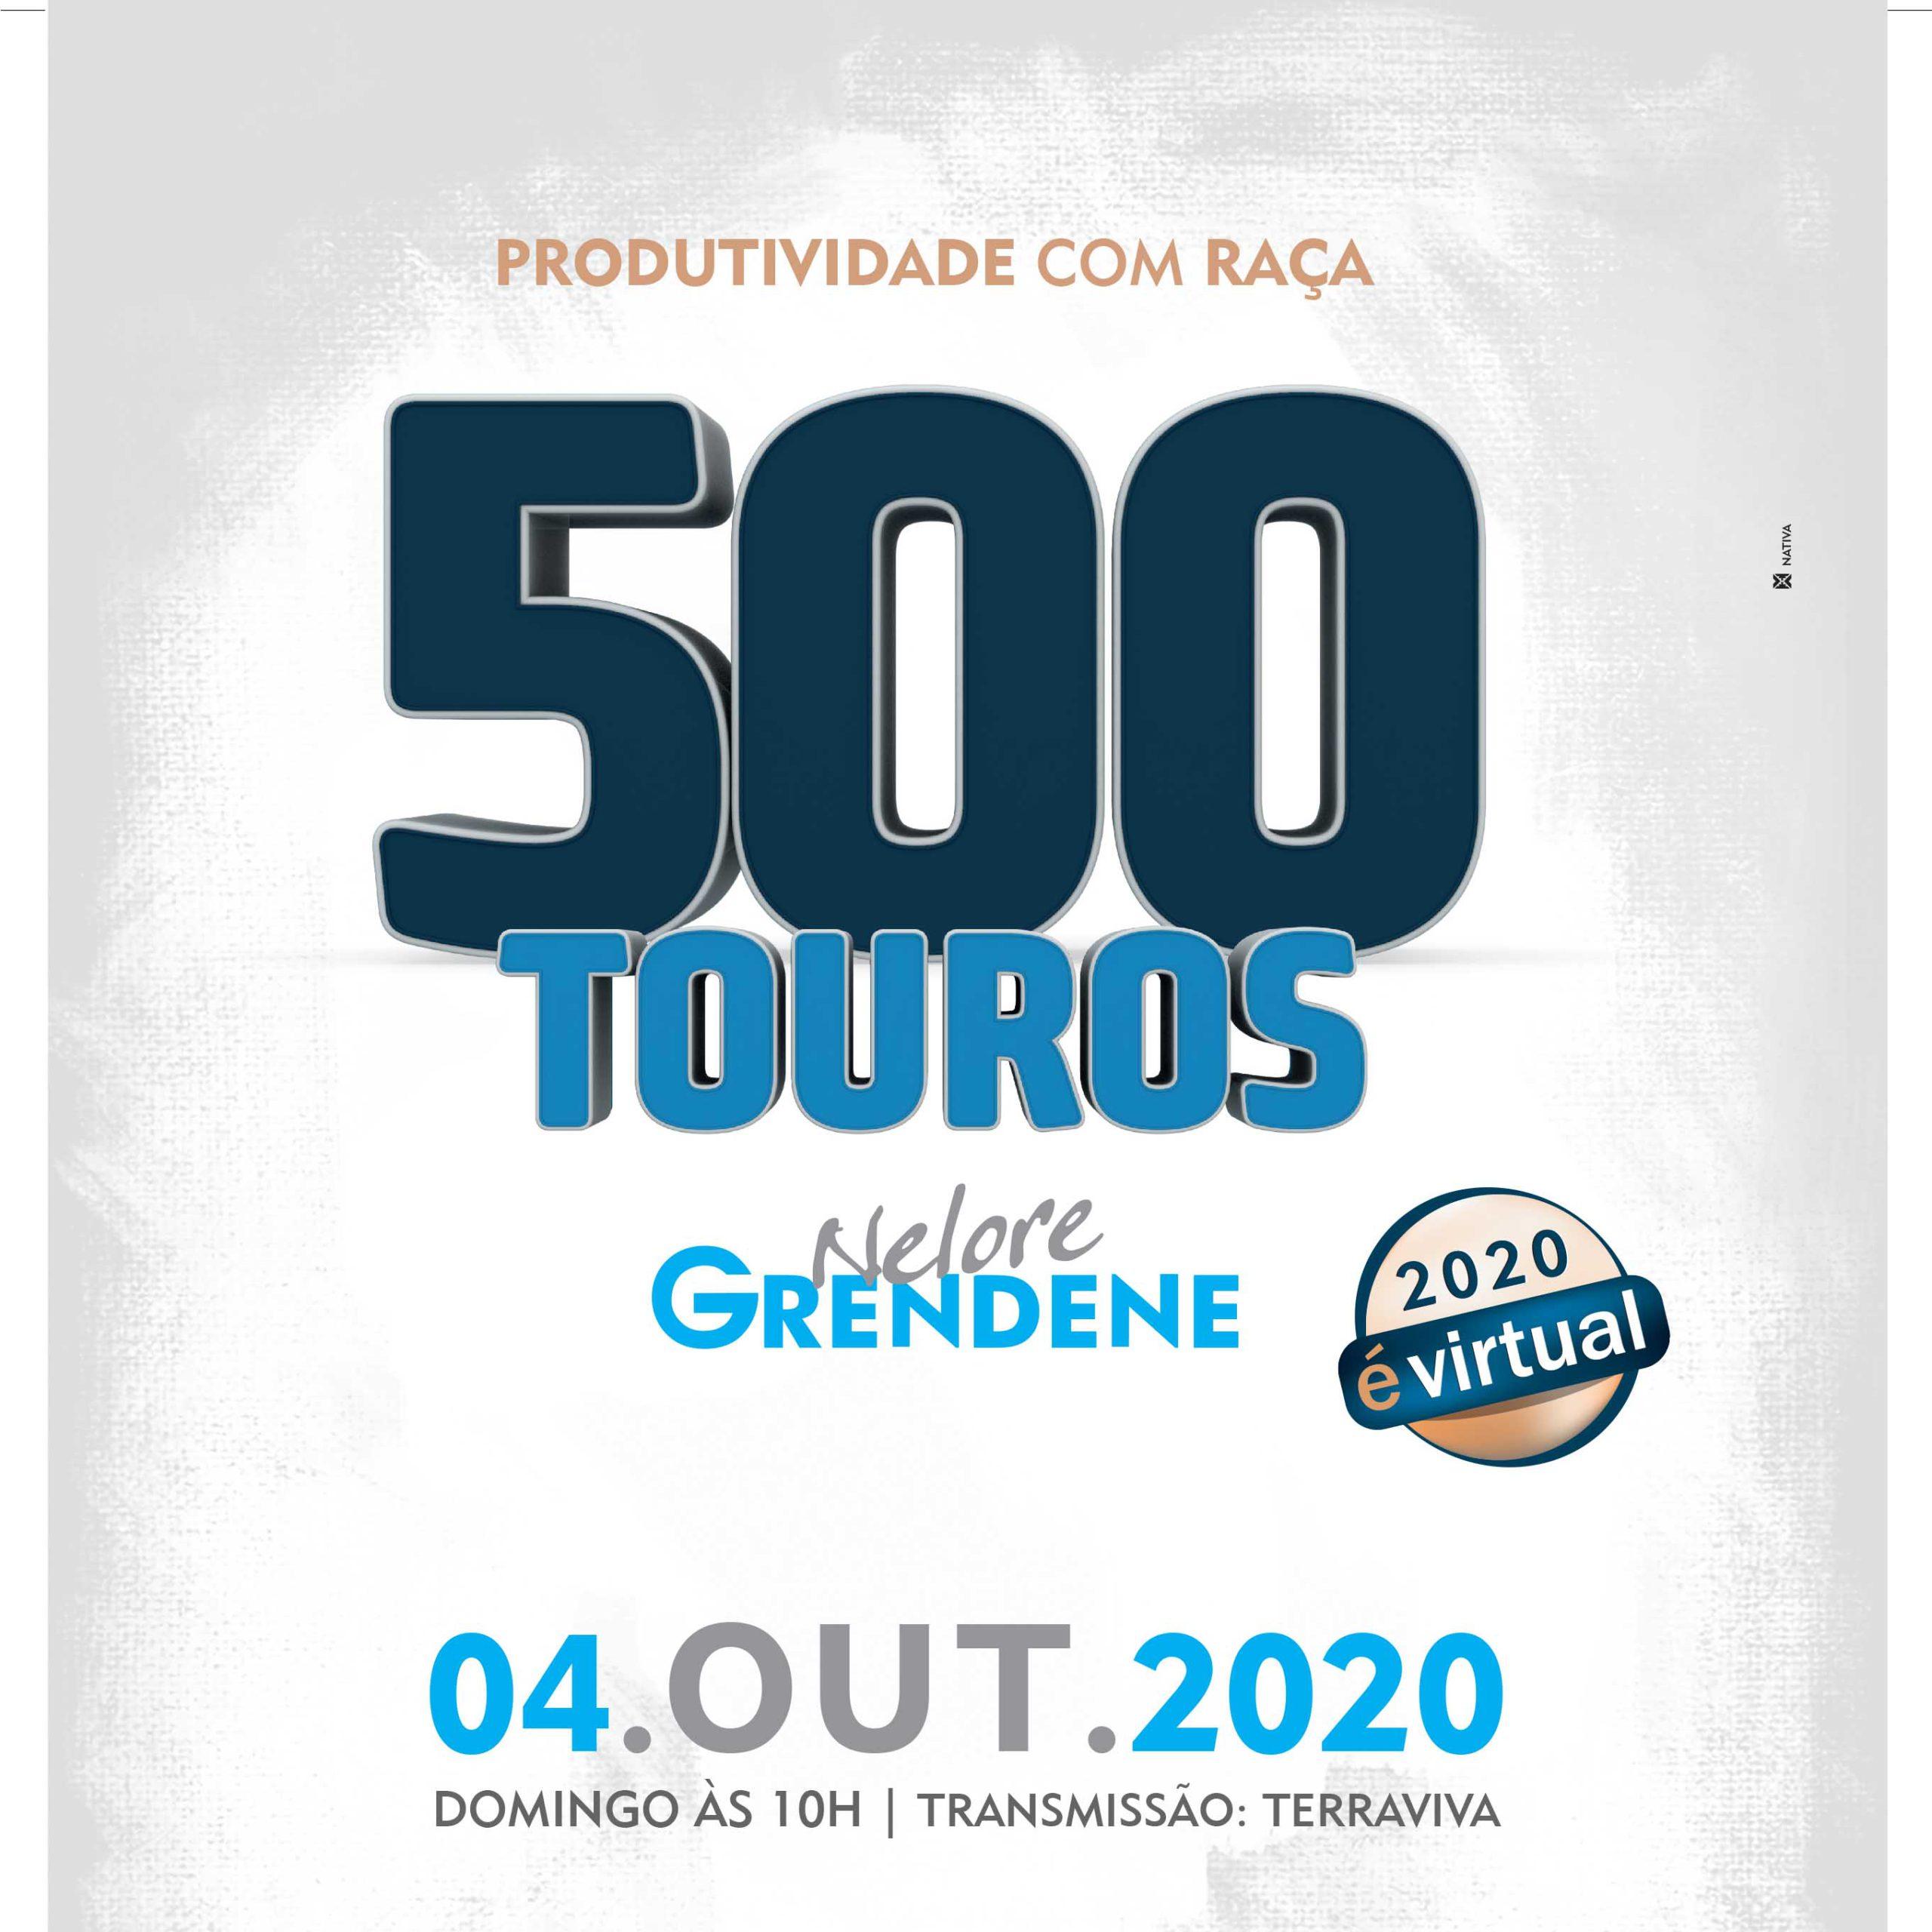 leilao-grendene-500-touros-pecuaria-brasil